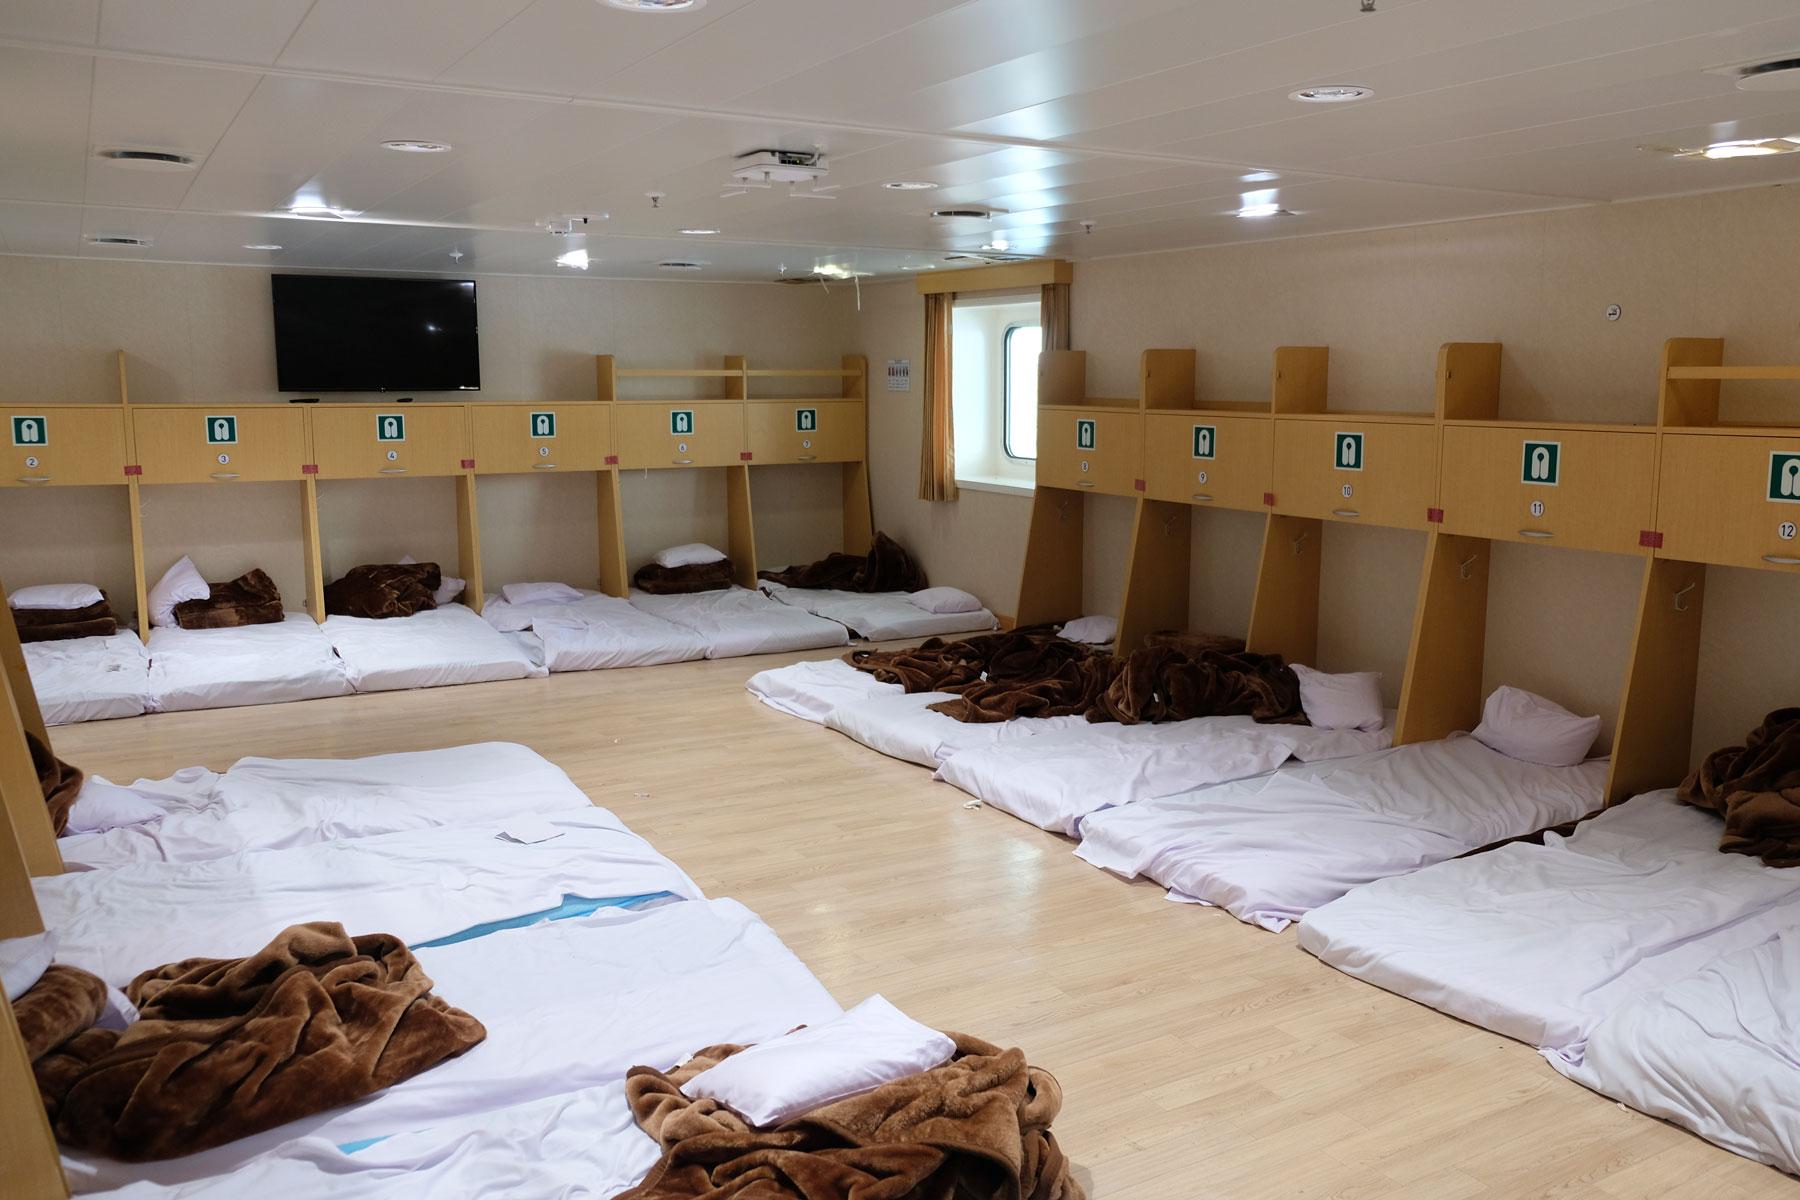 Auf der Weidong Ferry zwischen China und Südkorea gibt es auch ein großes Matratzenlager, in dem etwa dreißig Personen im gleichen Raum schlafen.